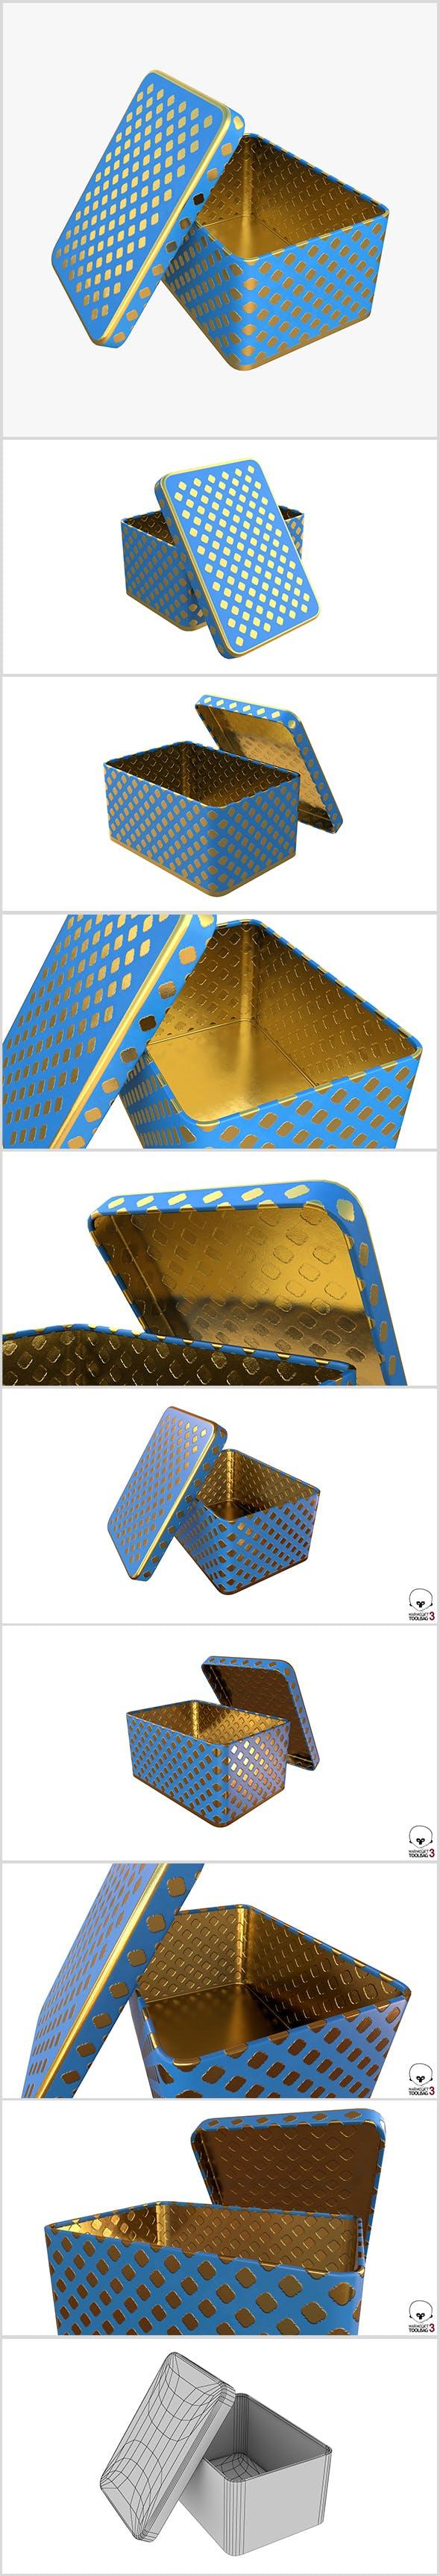 Metal Box model - 3DOcean Item for Sale